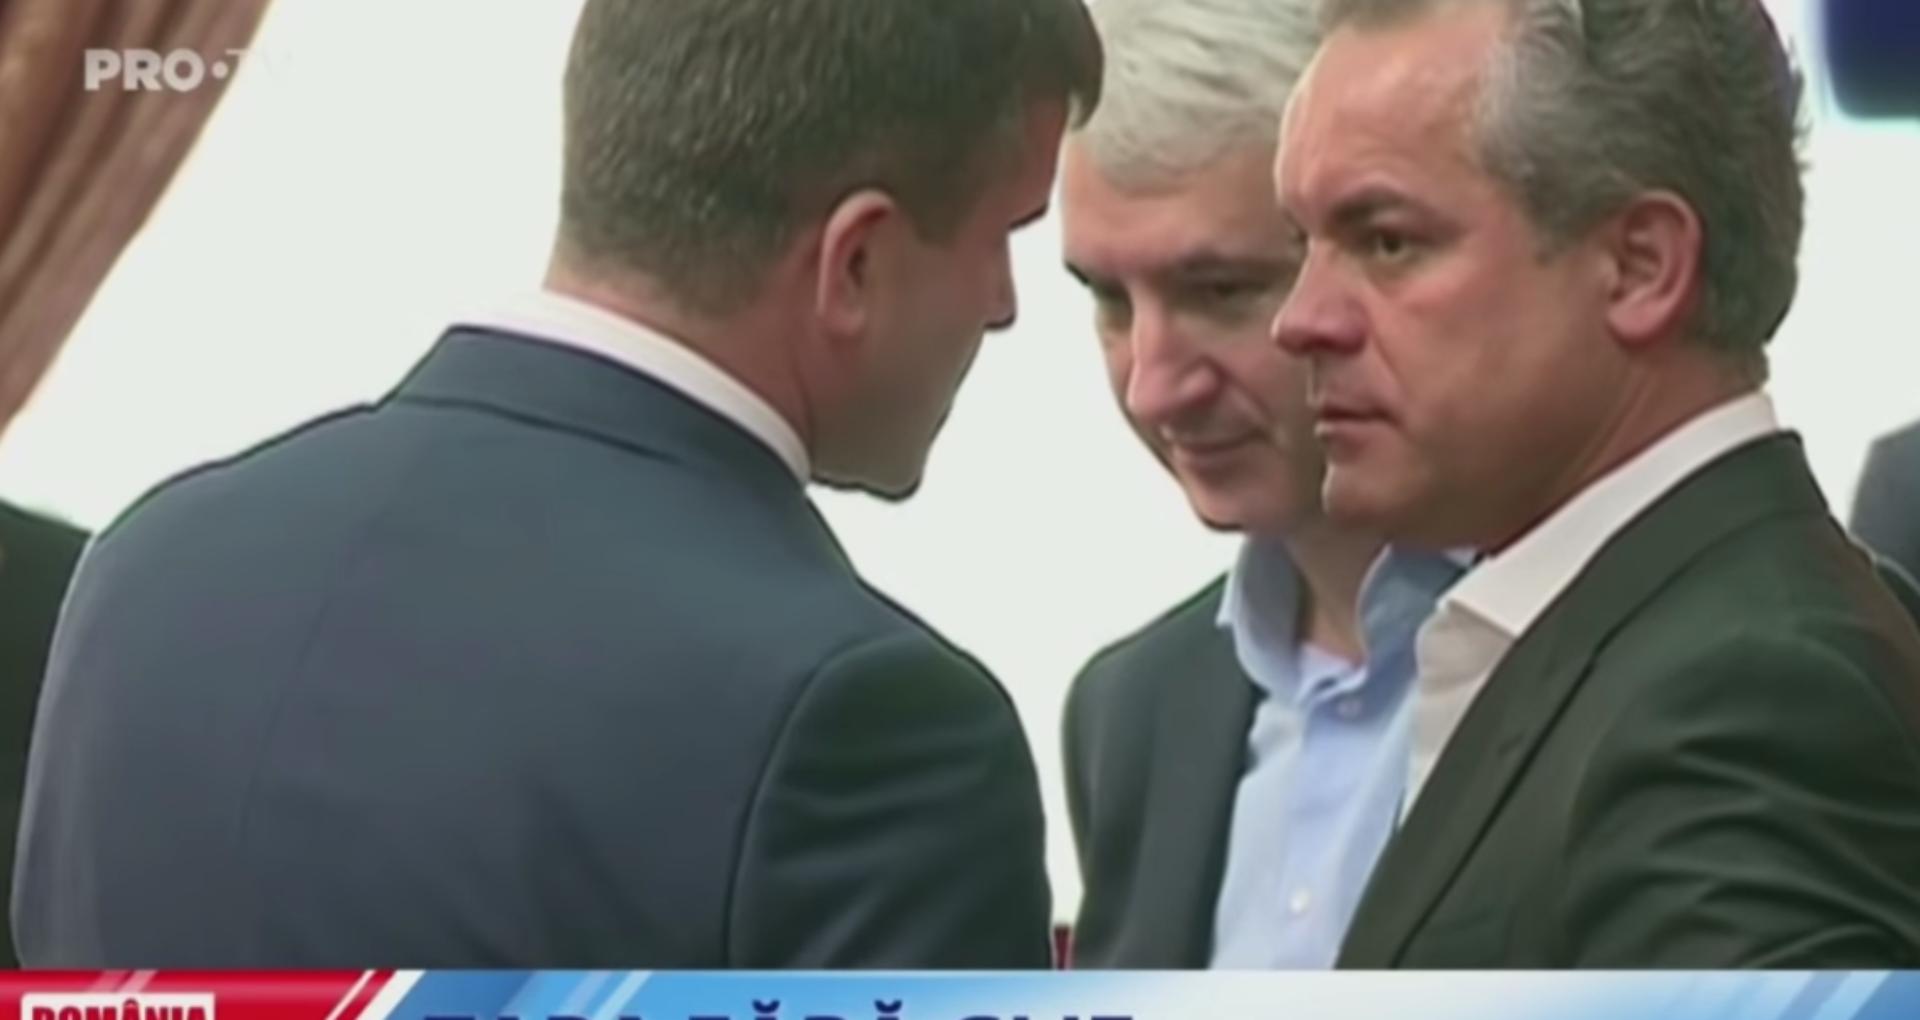 Video/ Milionarul de la Trans Oil și prietenul său, Plahotniuc, într-o anchetă despre afaceri agricole peste Prut